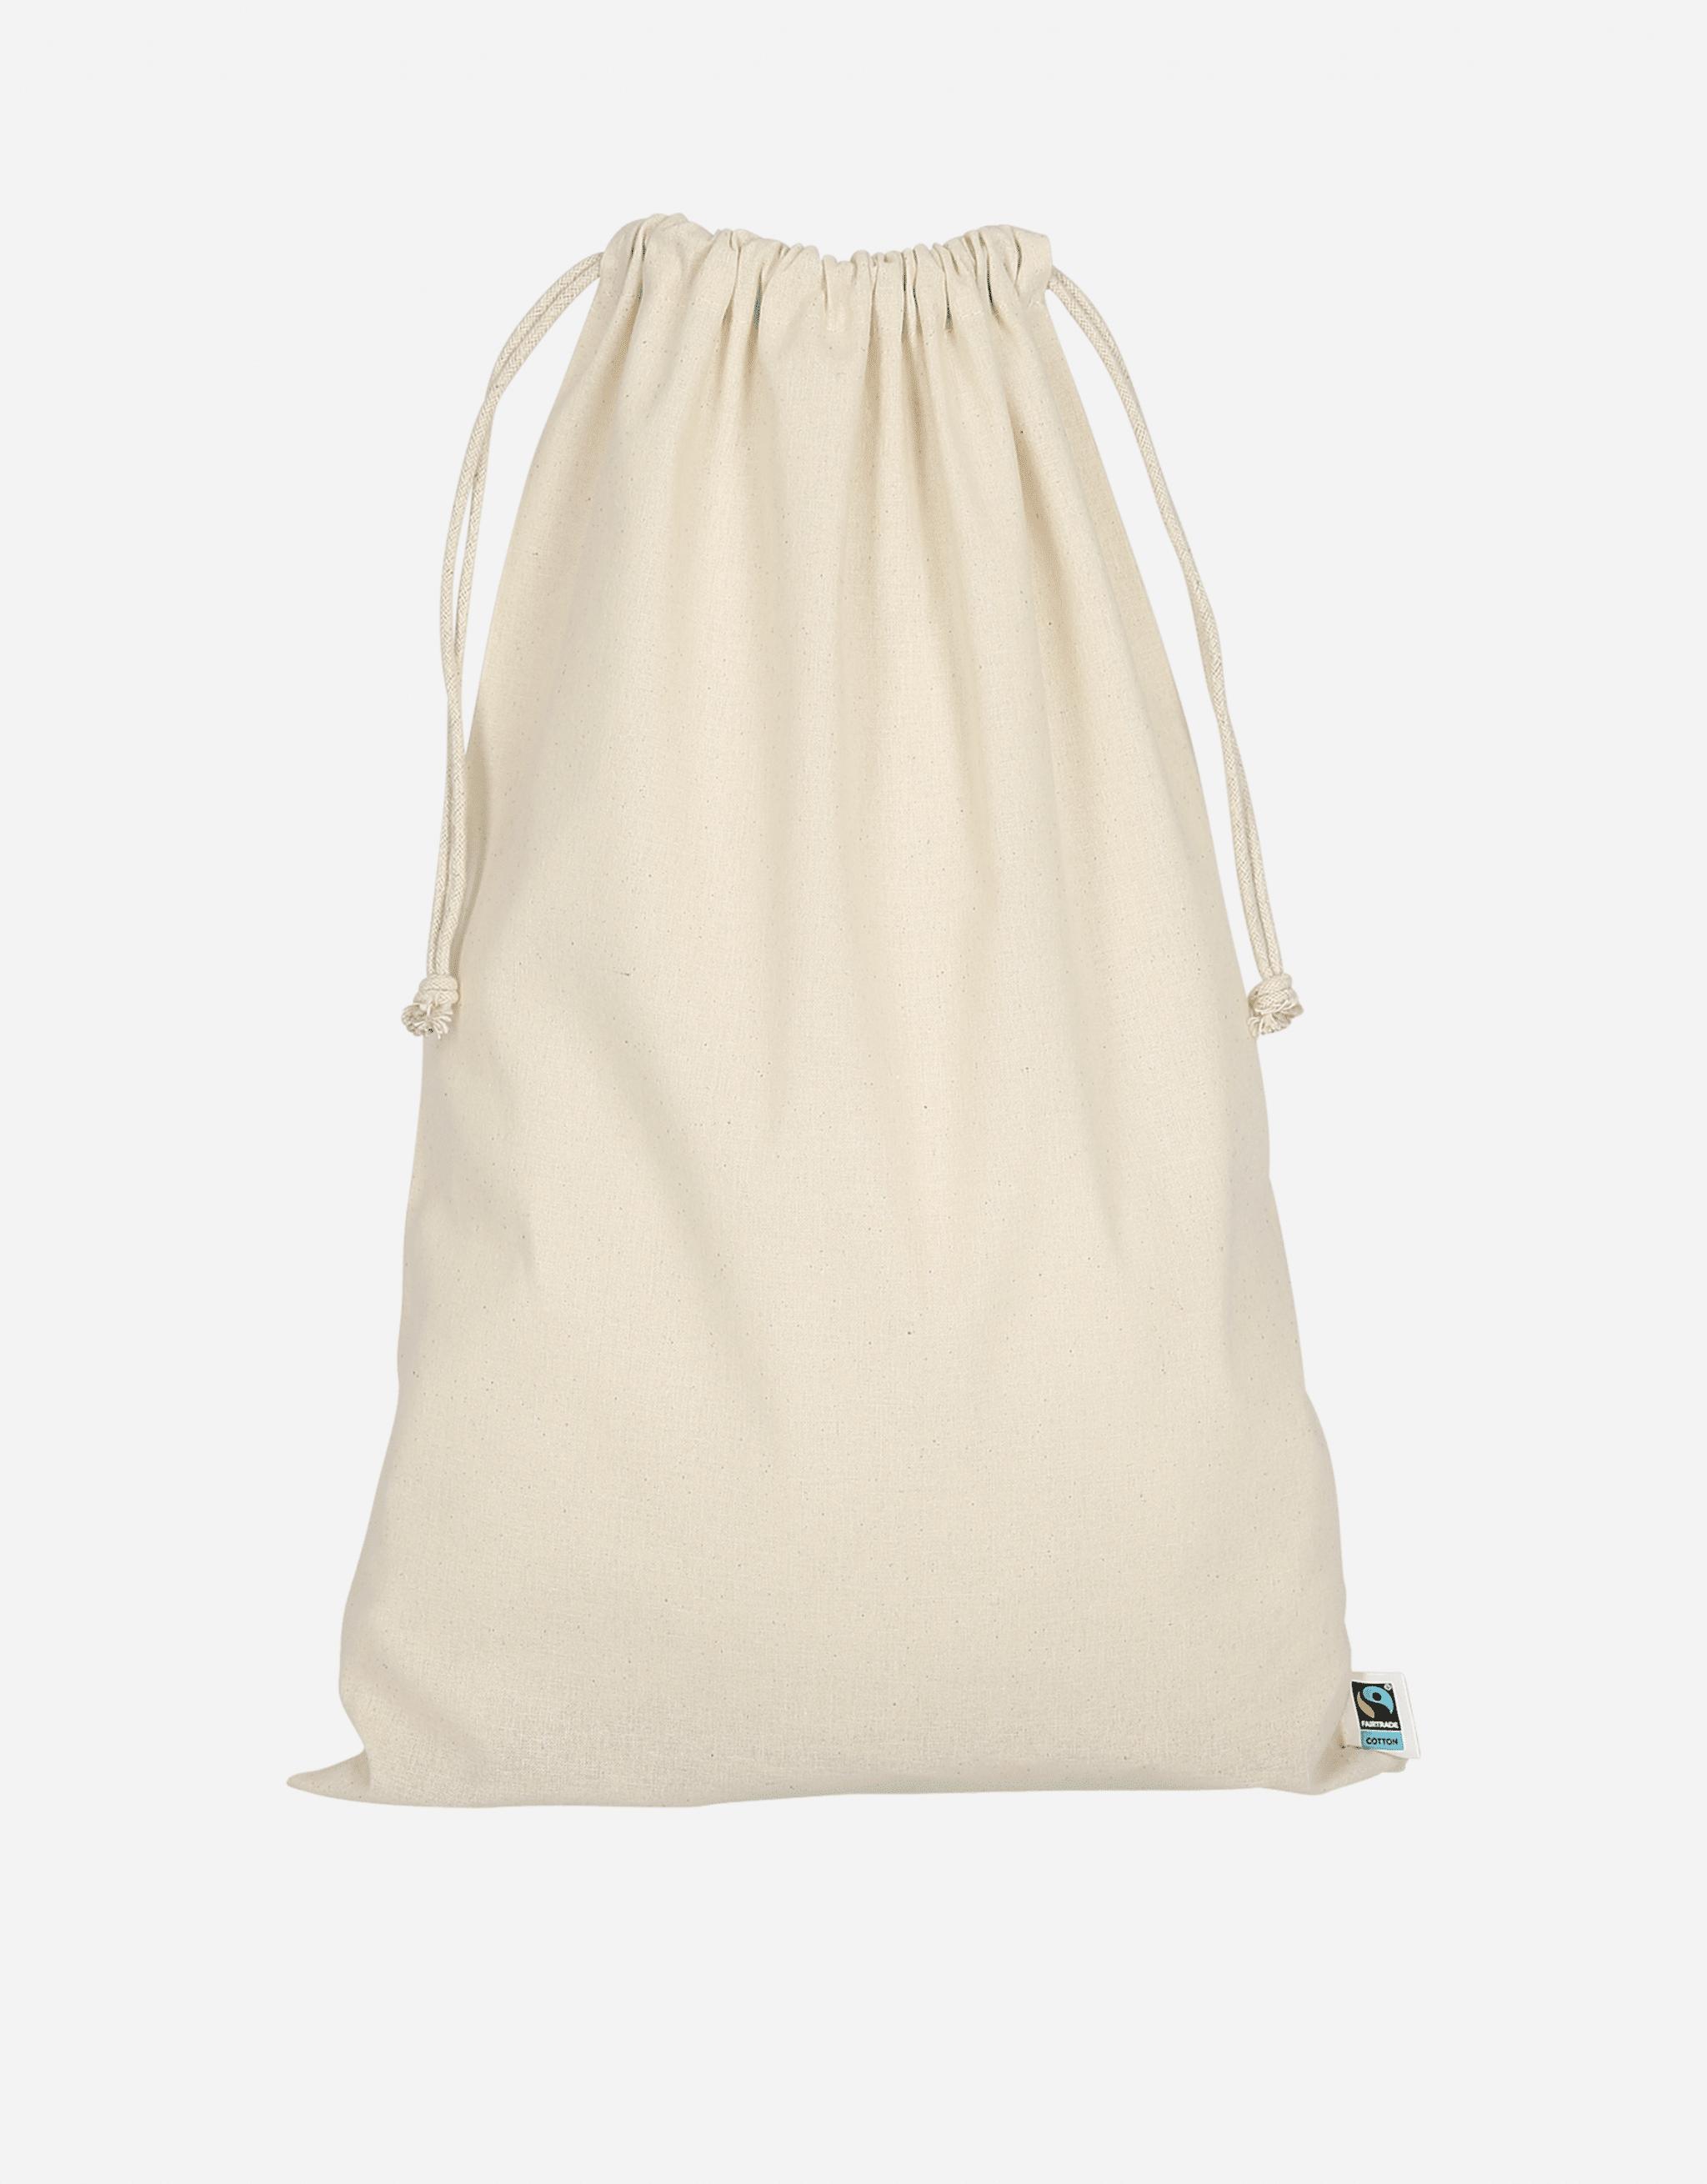 zuziehbeutel fairtrade baumwolle natur l 30 x 45 cm